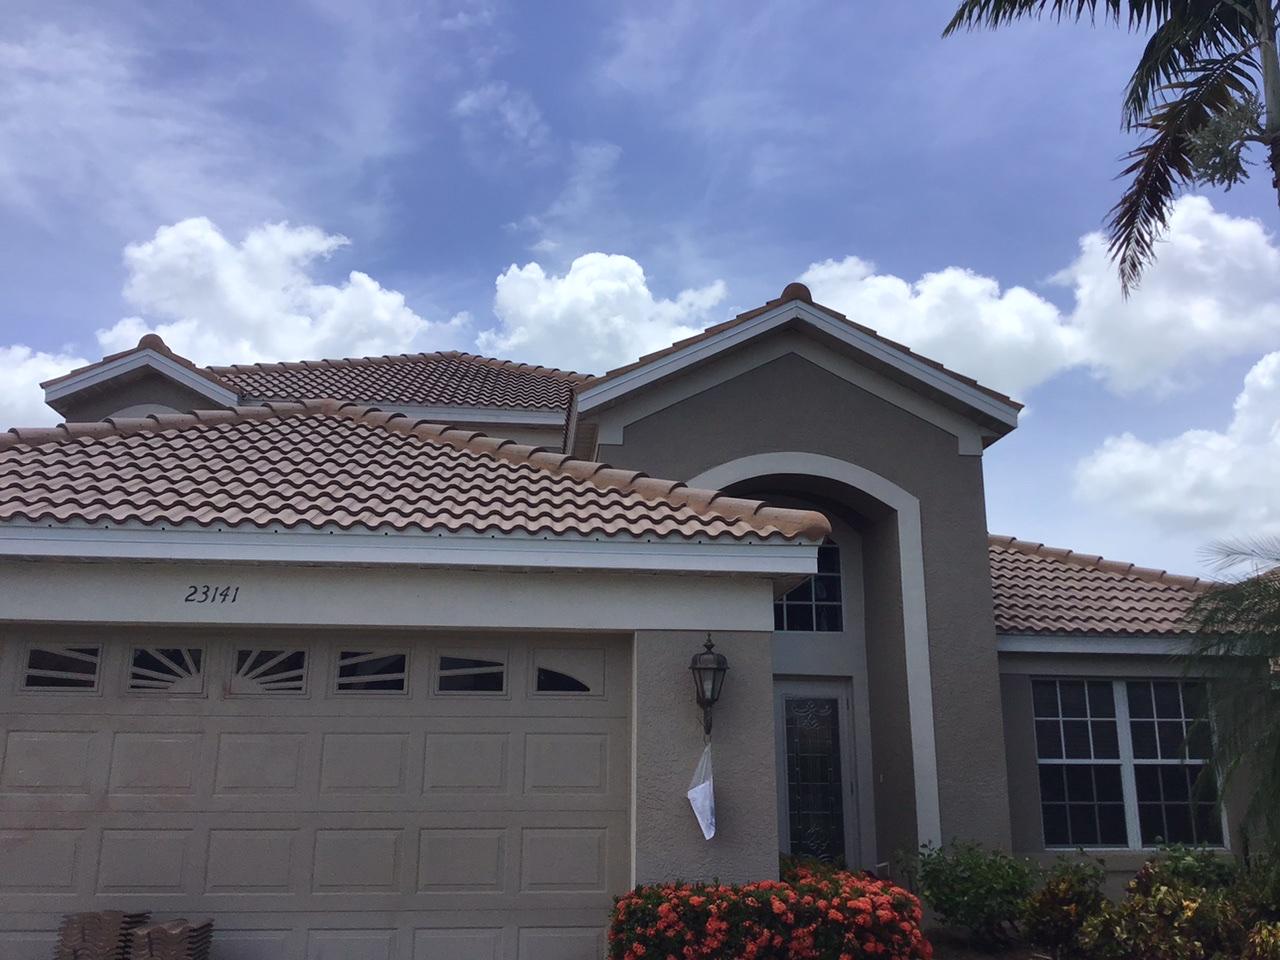 Bonita Springs Roof Replacement